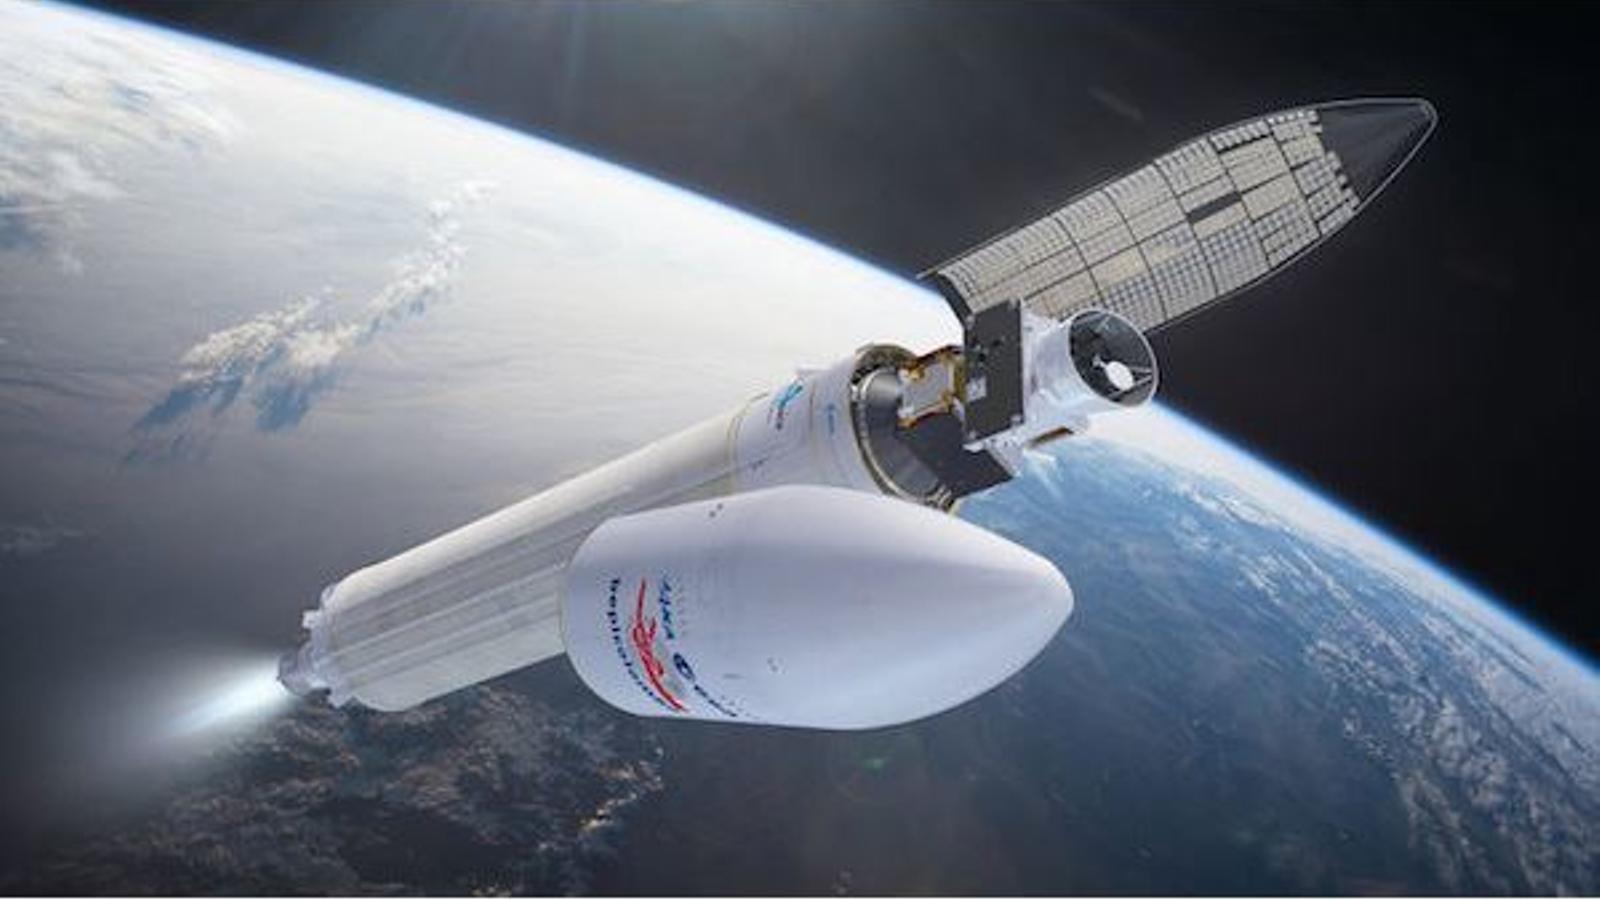 Recreaciód e la nau BepiColombo de l'Agència Espacial Europea (ESA), per a la missió a Mercuri.